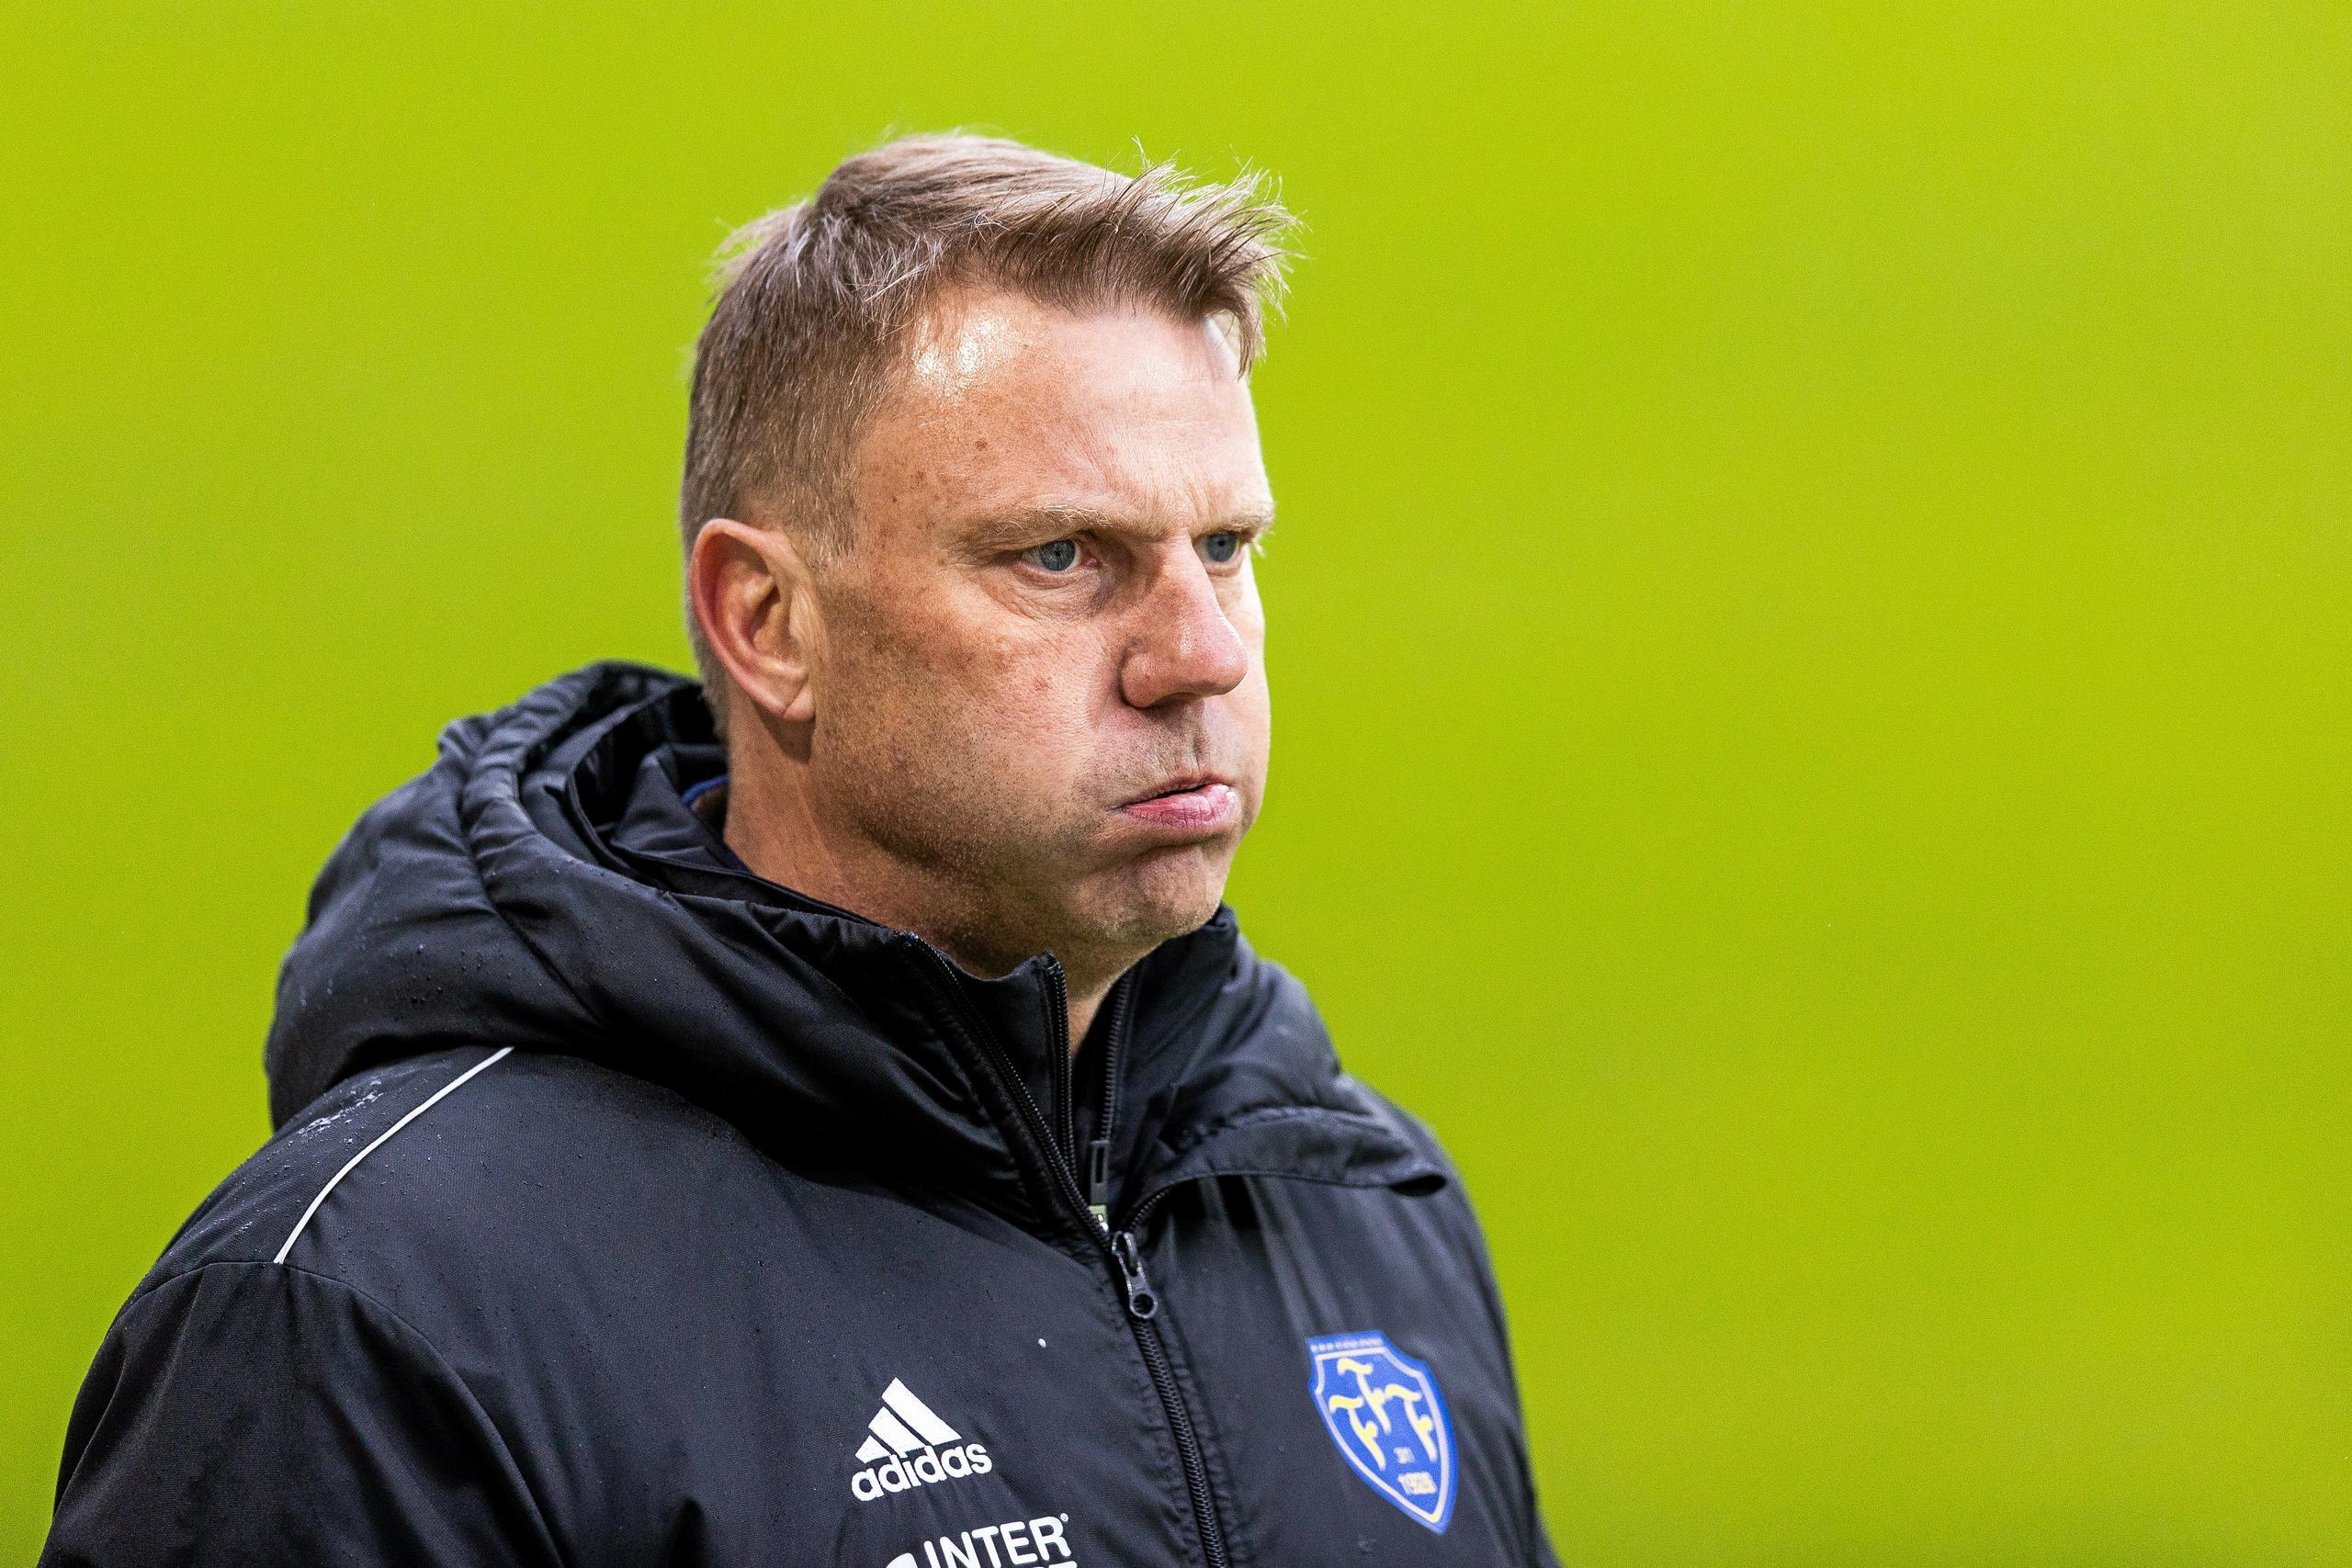 """Hasse Eklund: """"Kommer komma mycket gnäll – det får vi hålla ifrån oss"""""""